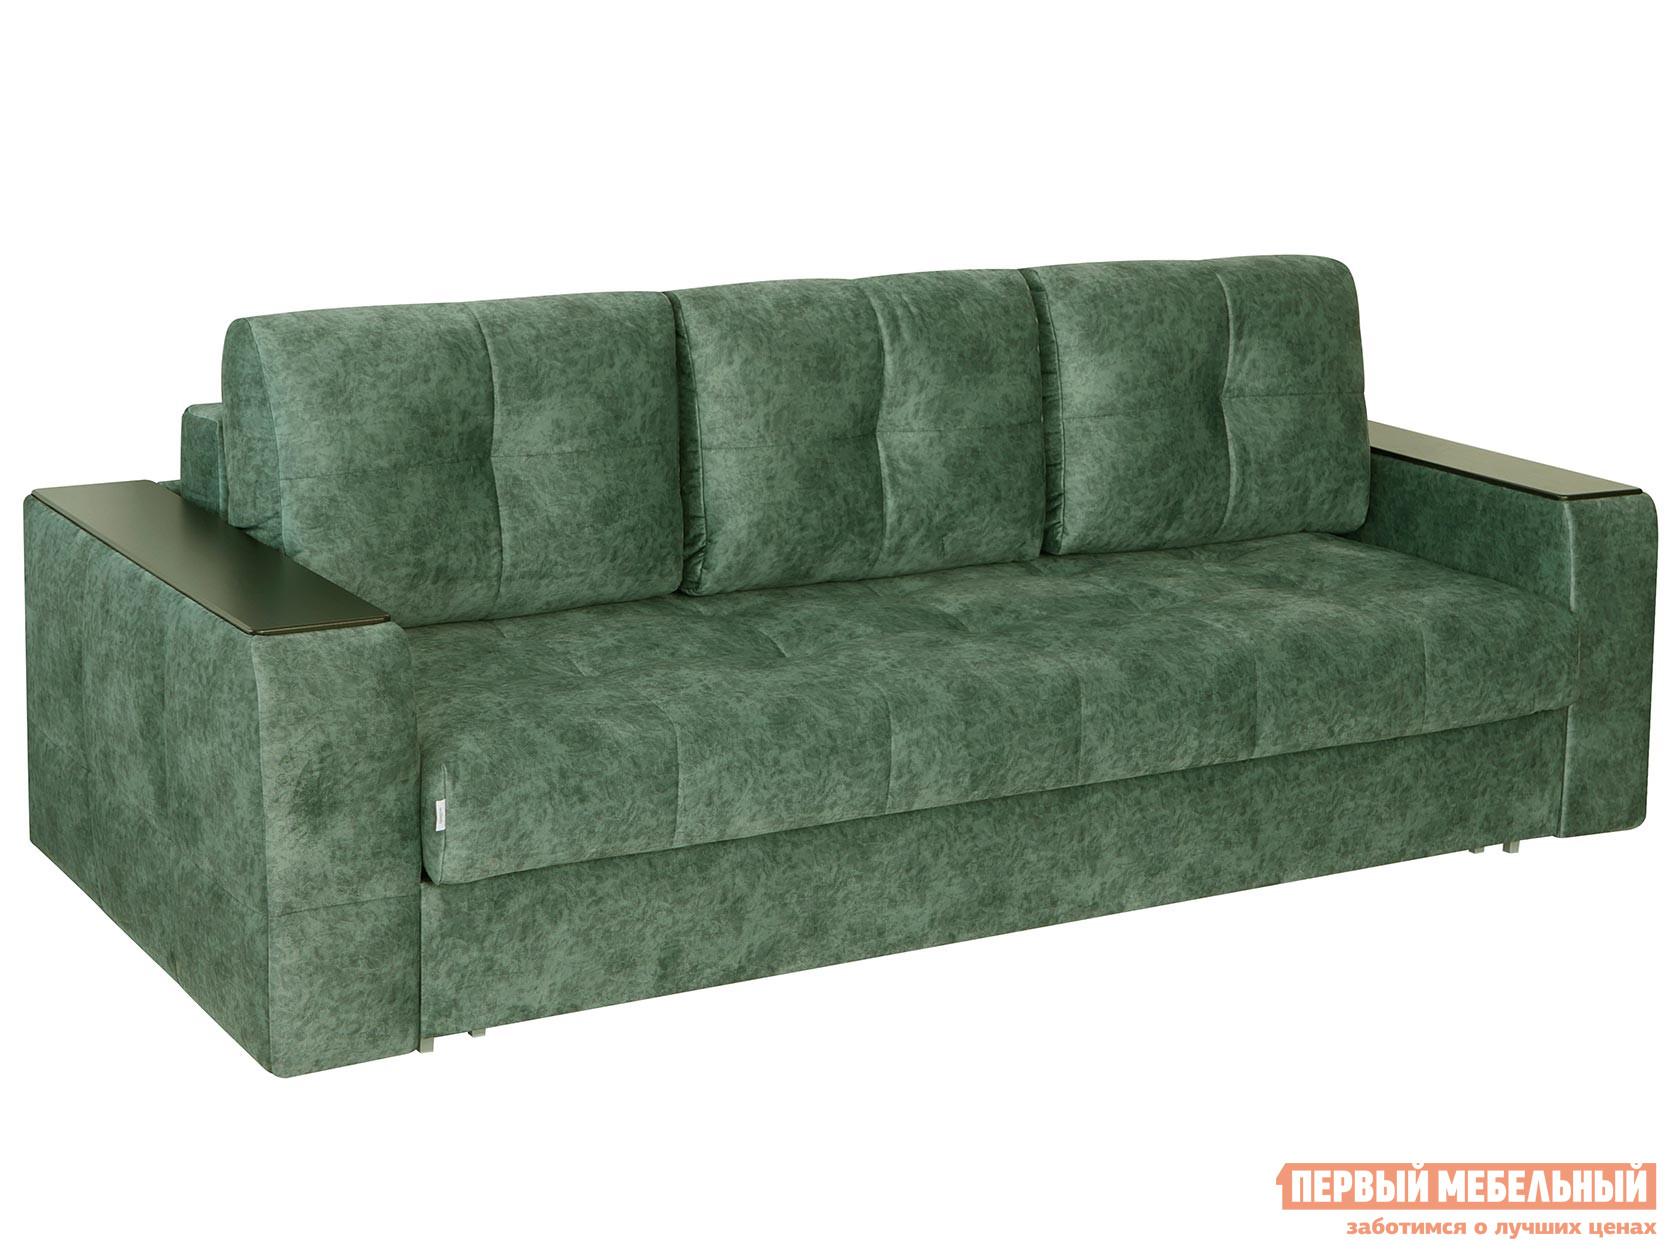 Прямой диван Первый Мебельный Прямой диван Сиэтл 1 Люкс